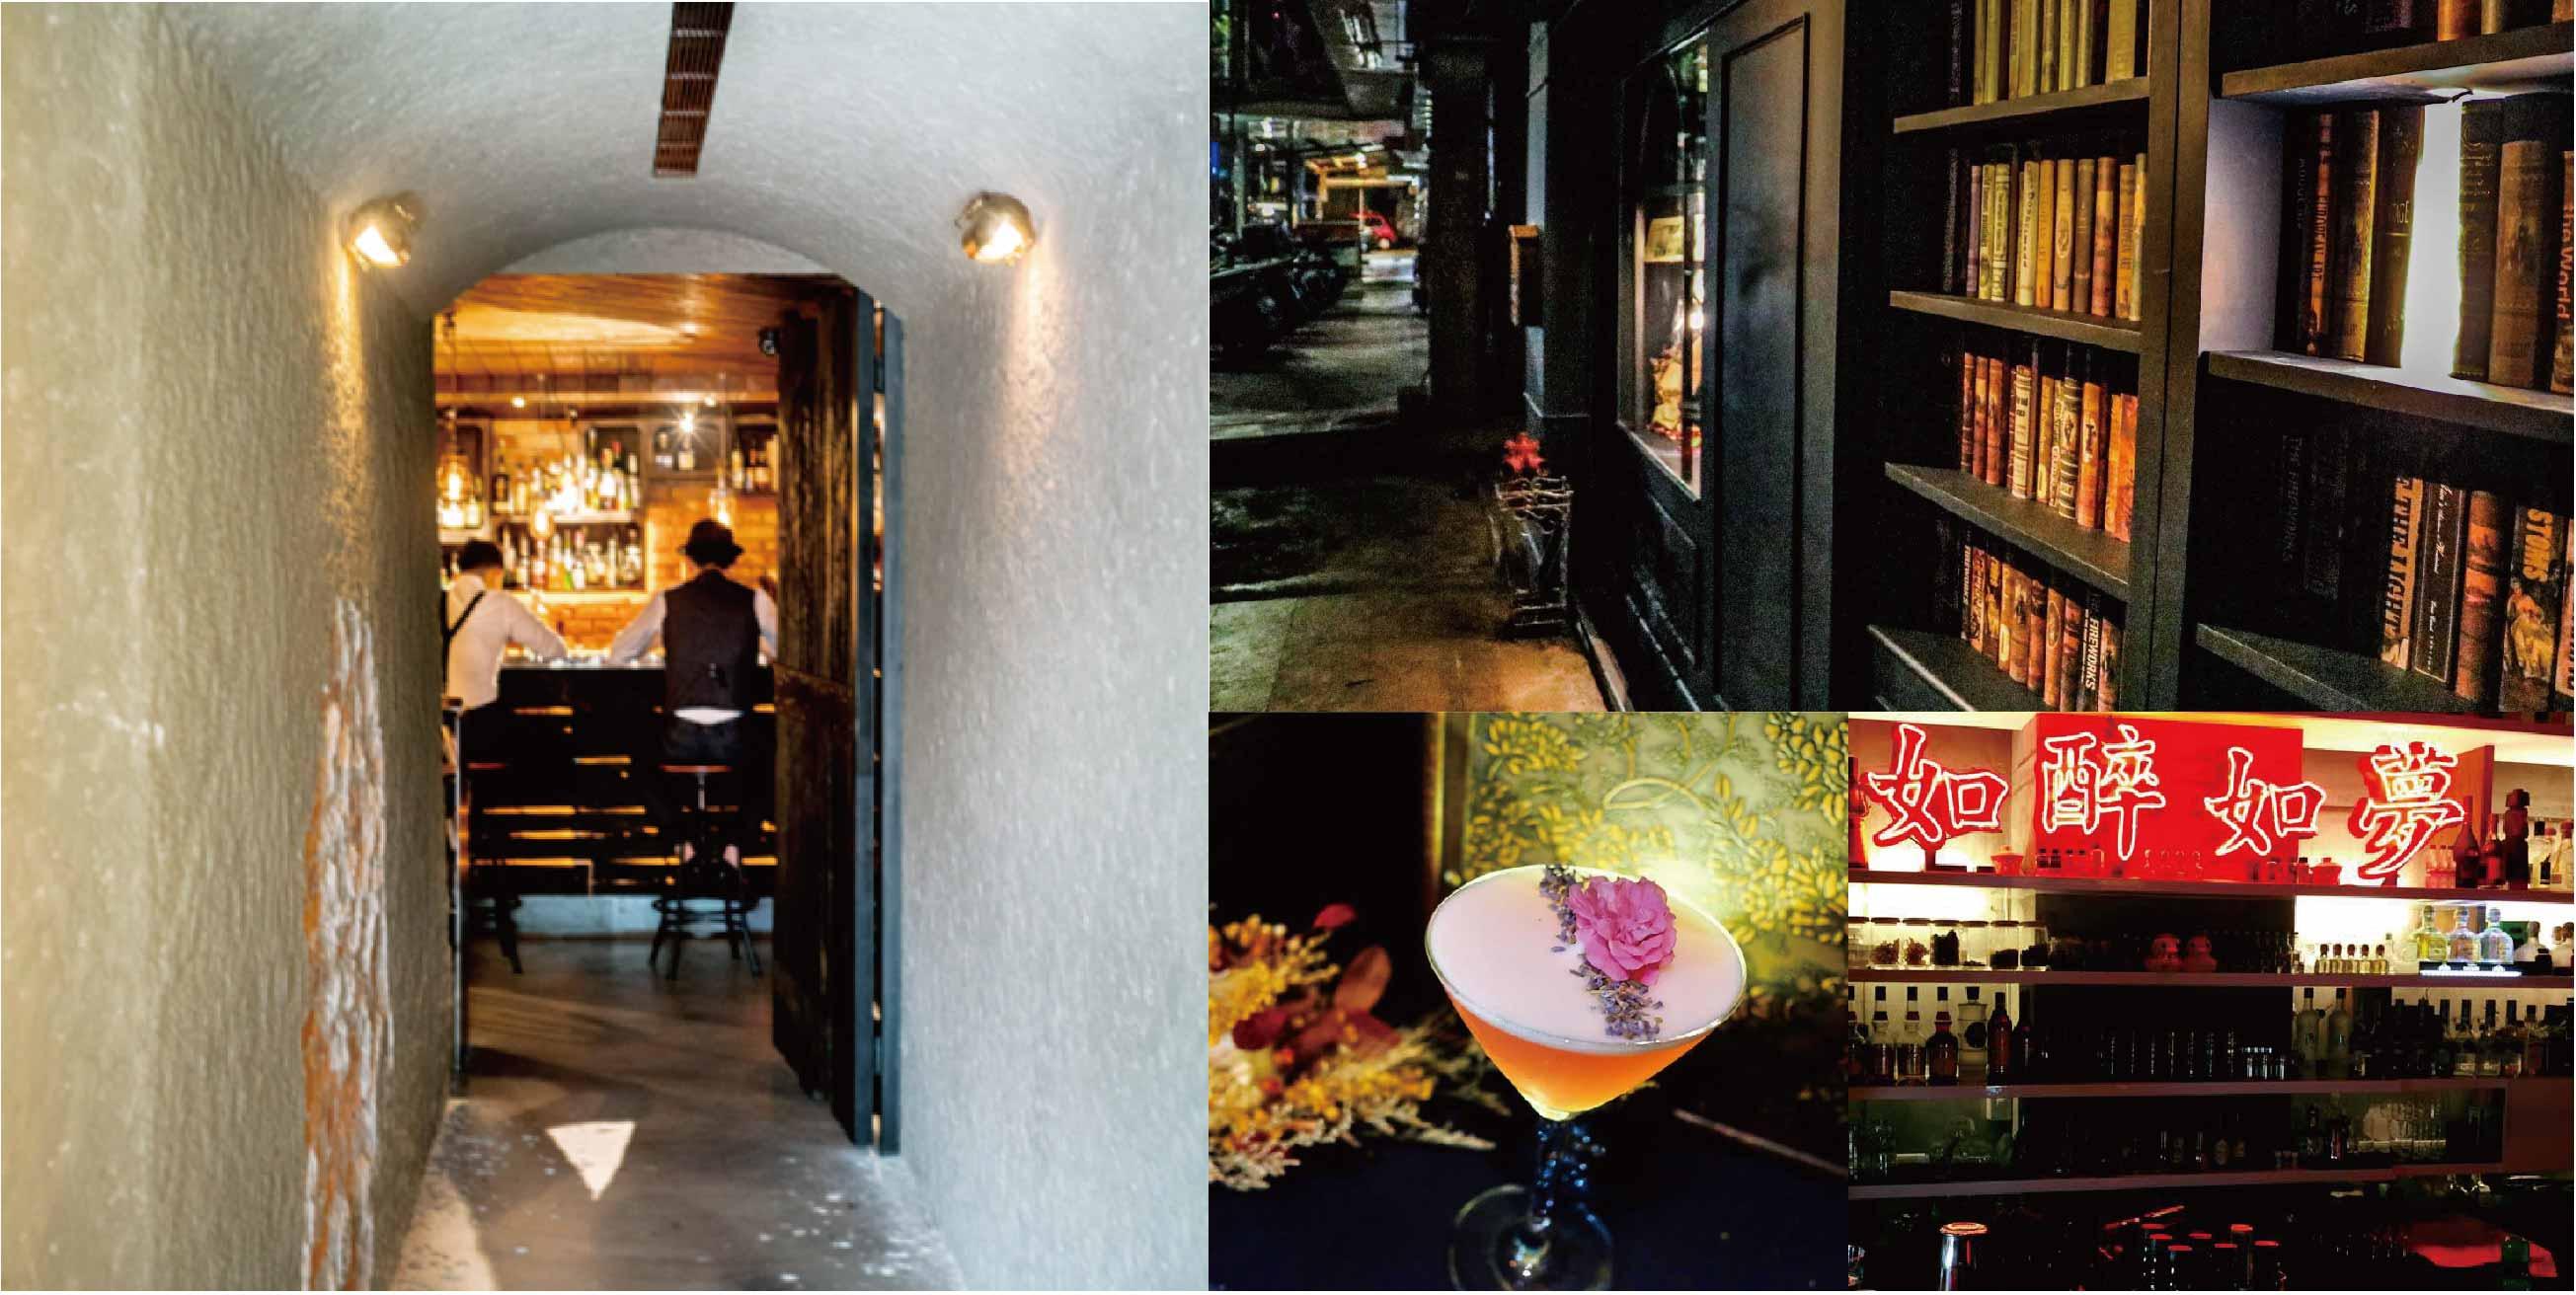 想喝酒沒那麼簡單!藏匿於台北巷弄的5間神祕酒吧,你找的到入口嗎?